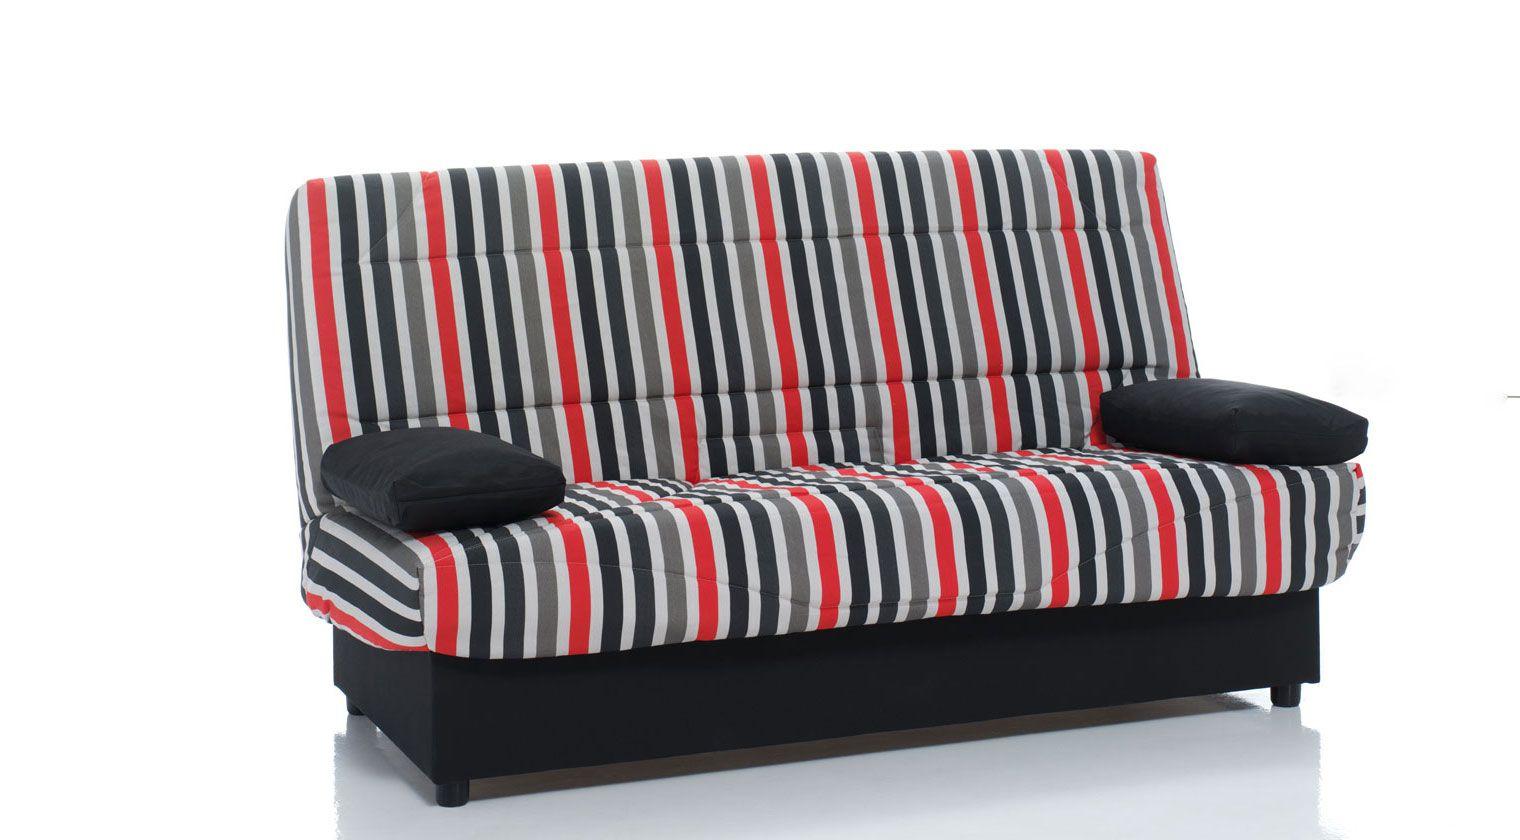 tiendas sofas cama baratos madrid modern comfortable uk clic clac precios y ofertas sofa atlas